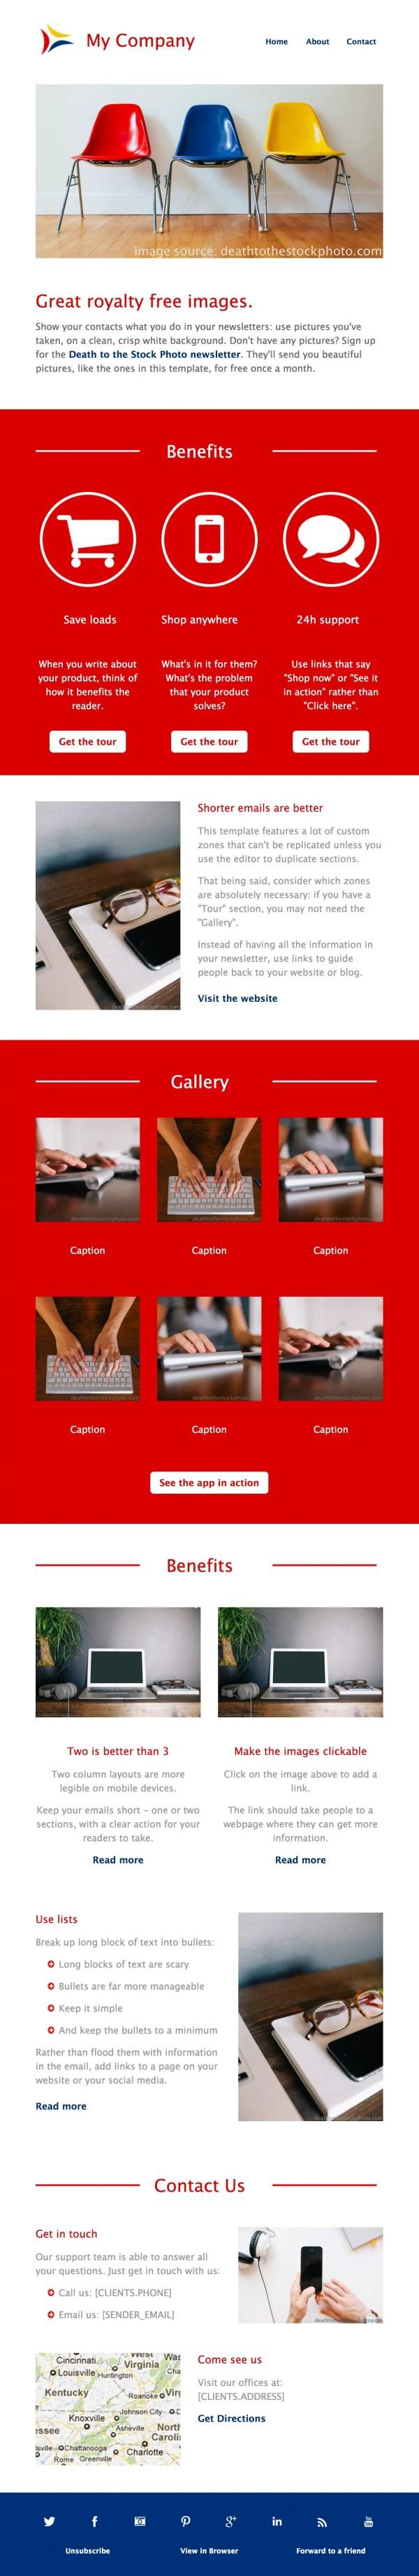 Tech-Email-Newsletter-Template Tech Newsletter Template on newsletter articles, newsletter newsletter, newsletter header, newsletter layouts, newsletter backgrounds, newsletter to your health, newsletter design, newsletter publishing, newsletter clipart, newsletter banners, newsletter titles, newsletter story topics, newsletter icons, newsletter ideas, newsletter formats, newsletter for kindergarten, newsletter examples, newsletter cover, newsletter graphics, newsletter samples,